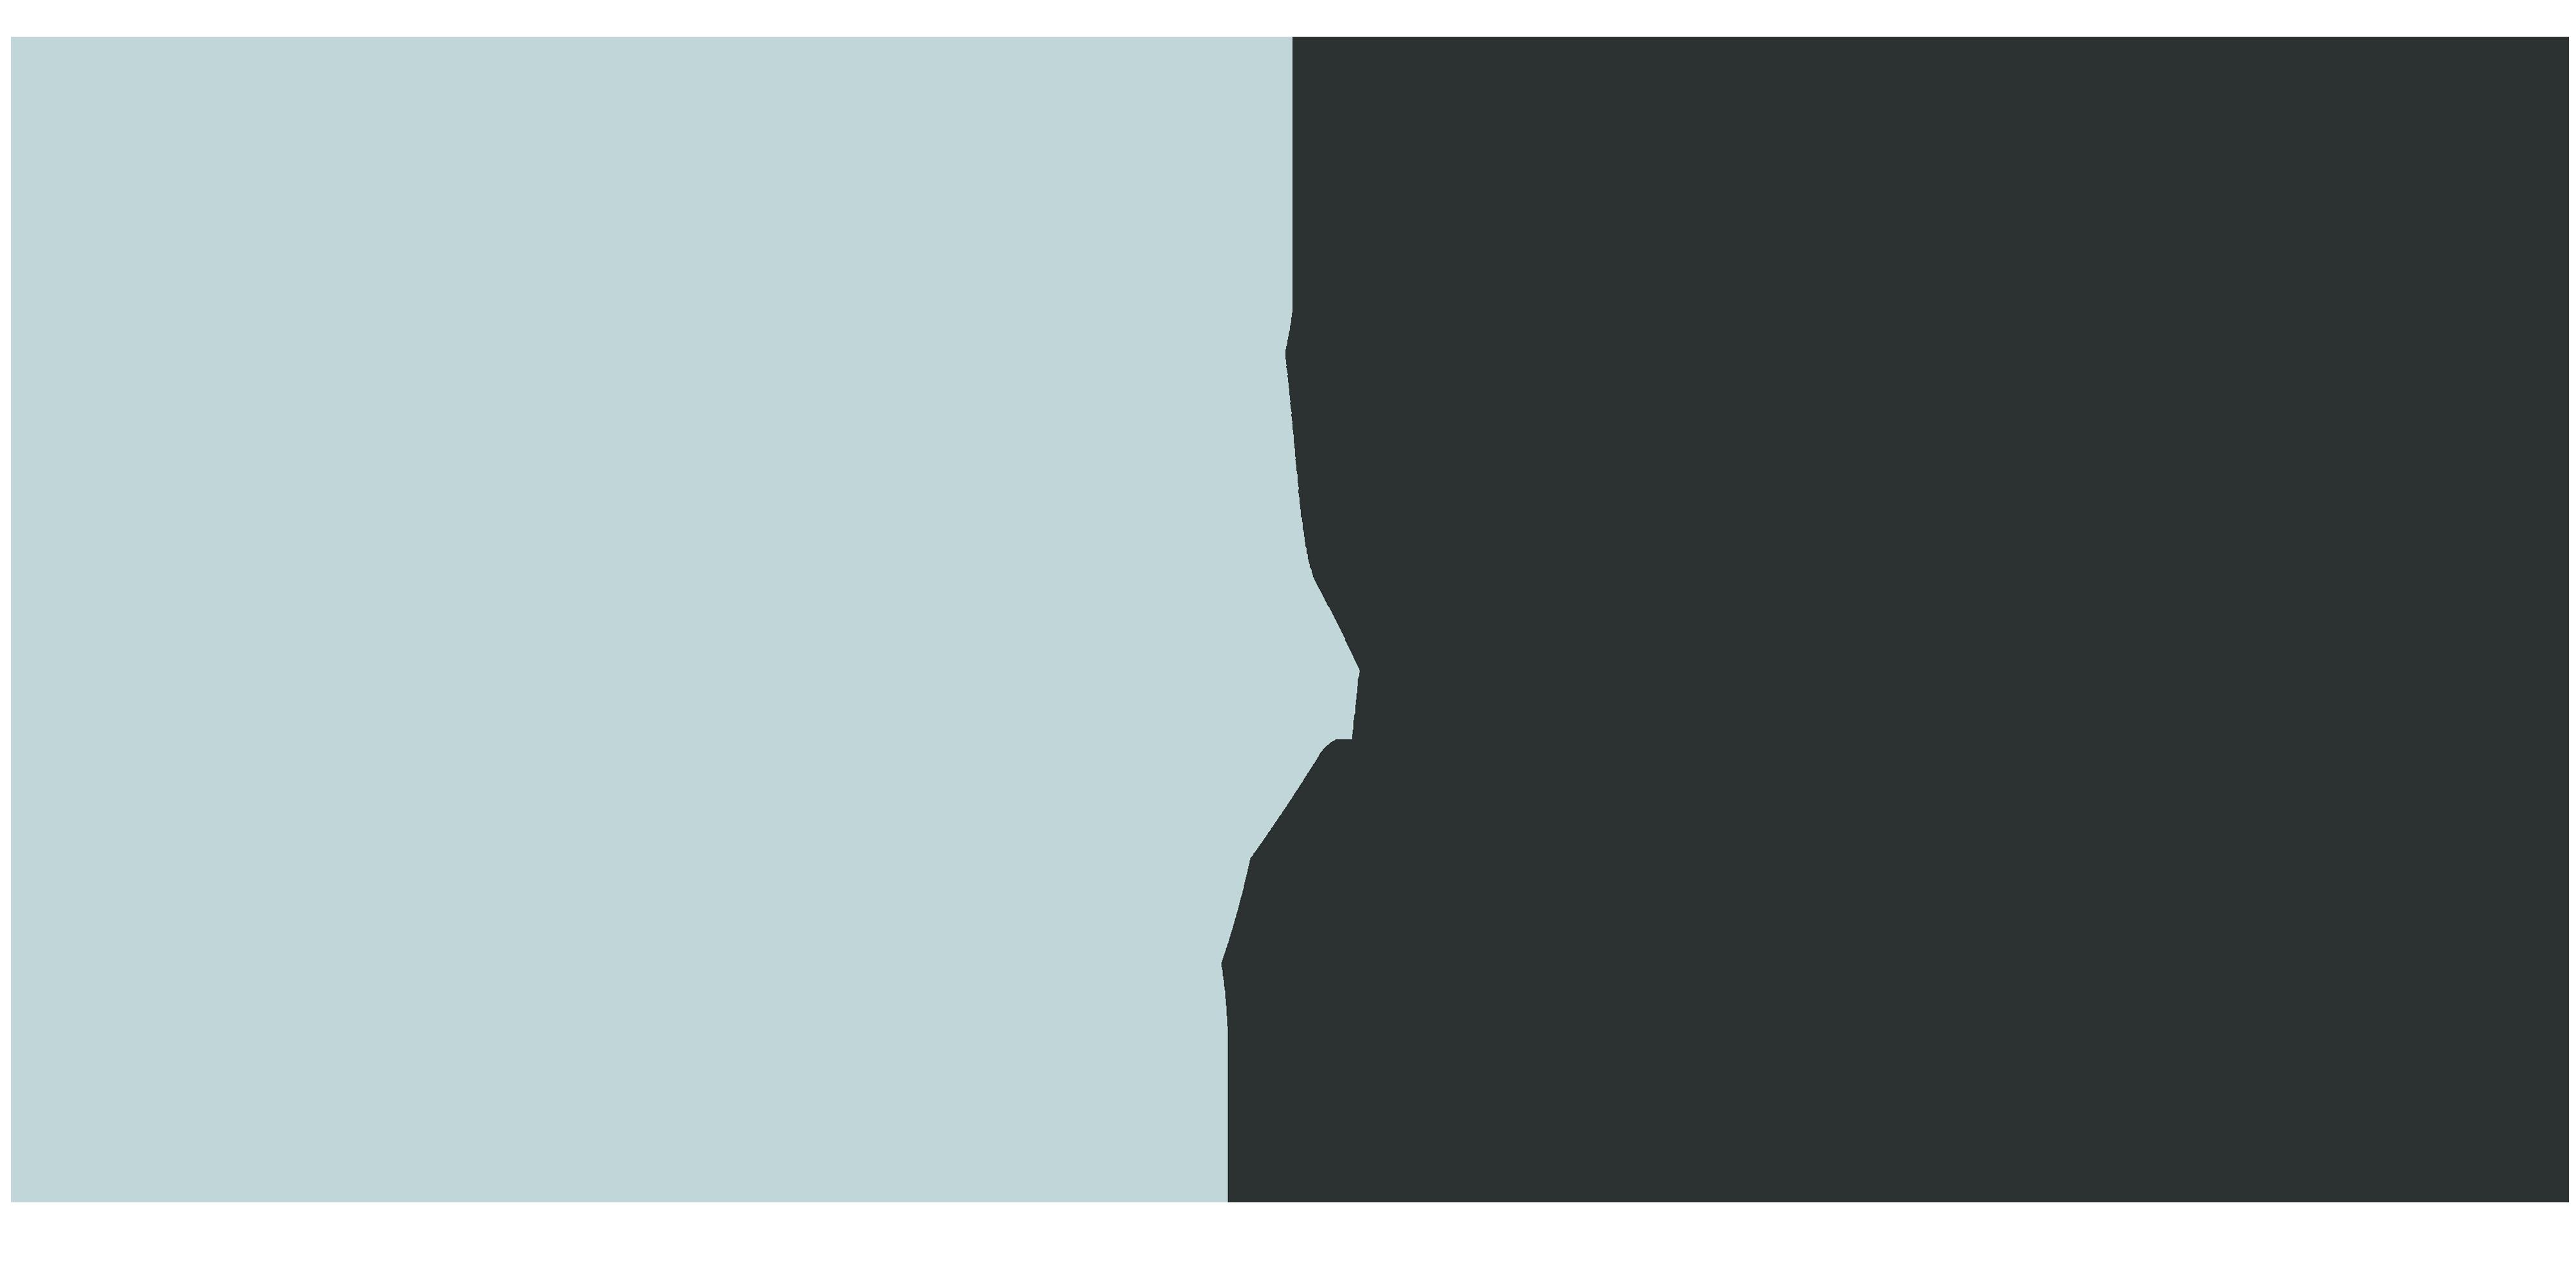 Willy van Berkel